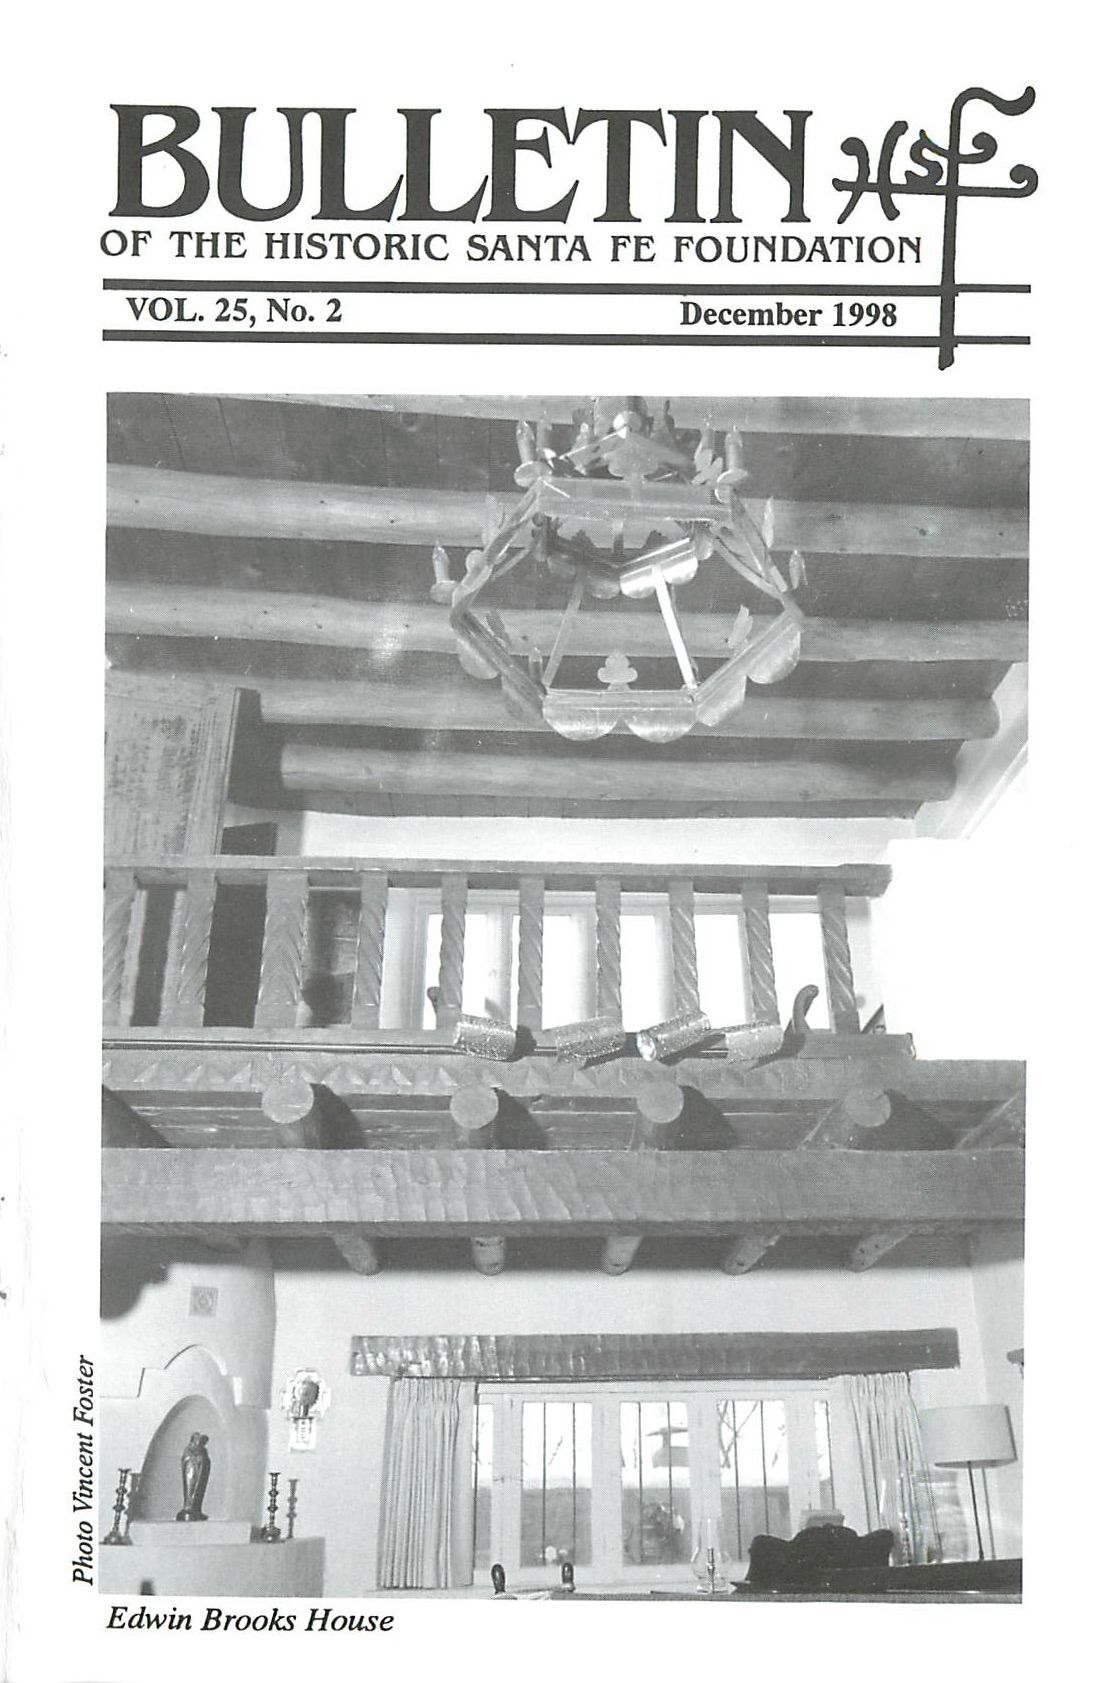 1998 HSFF Bulletin Vol.25 No.2 Cover